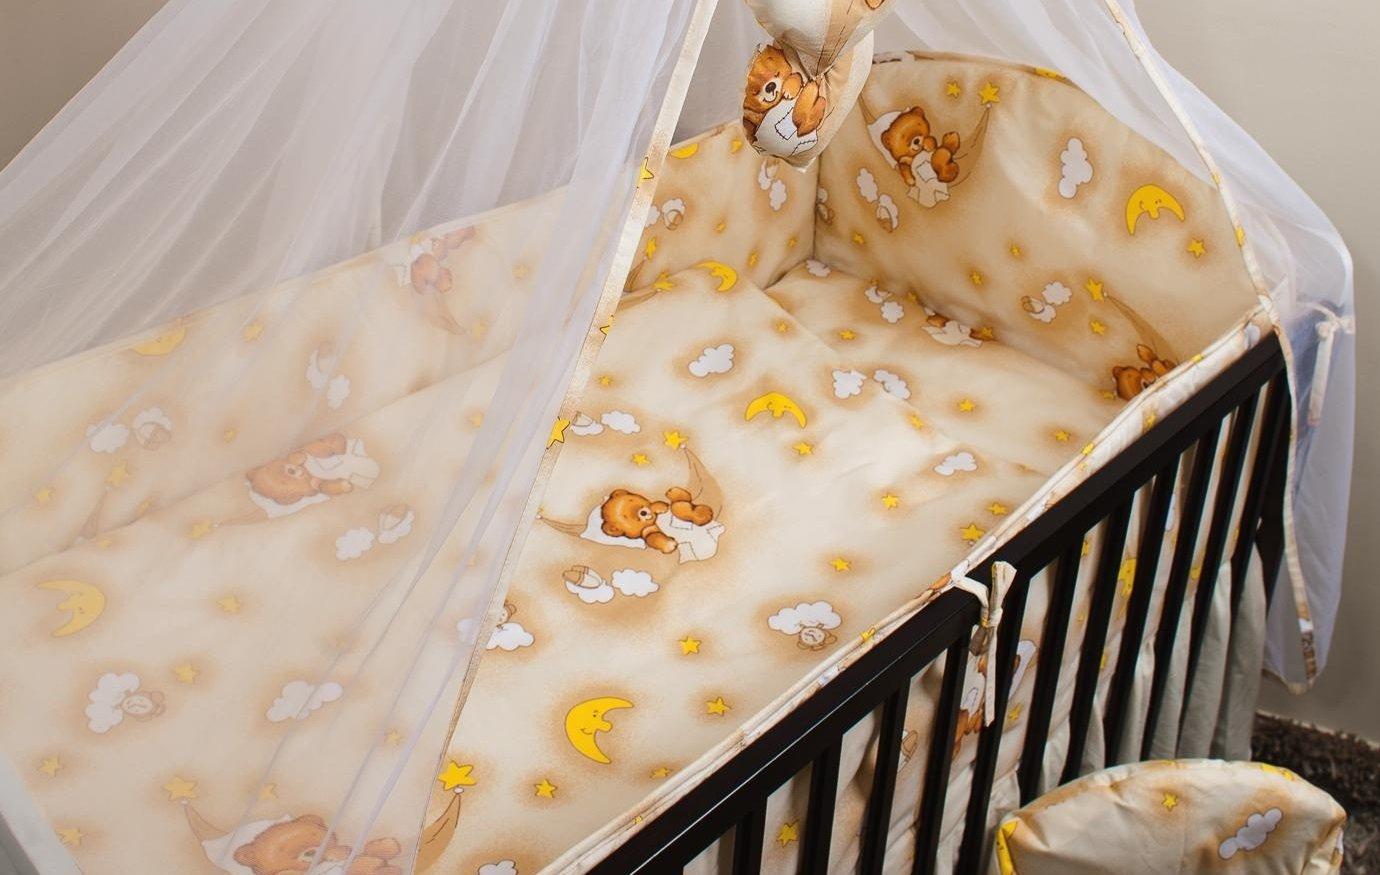 Bērnu gultas veļa: 5 daļas Ankras HAMMOCKS K-5 beige (135,360)